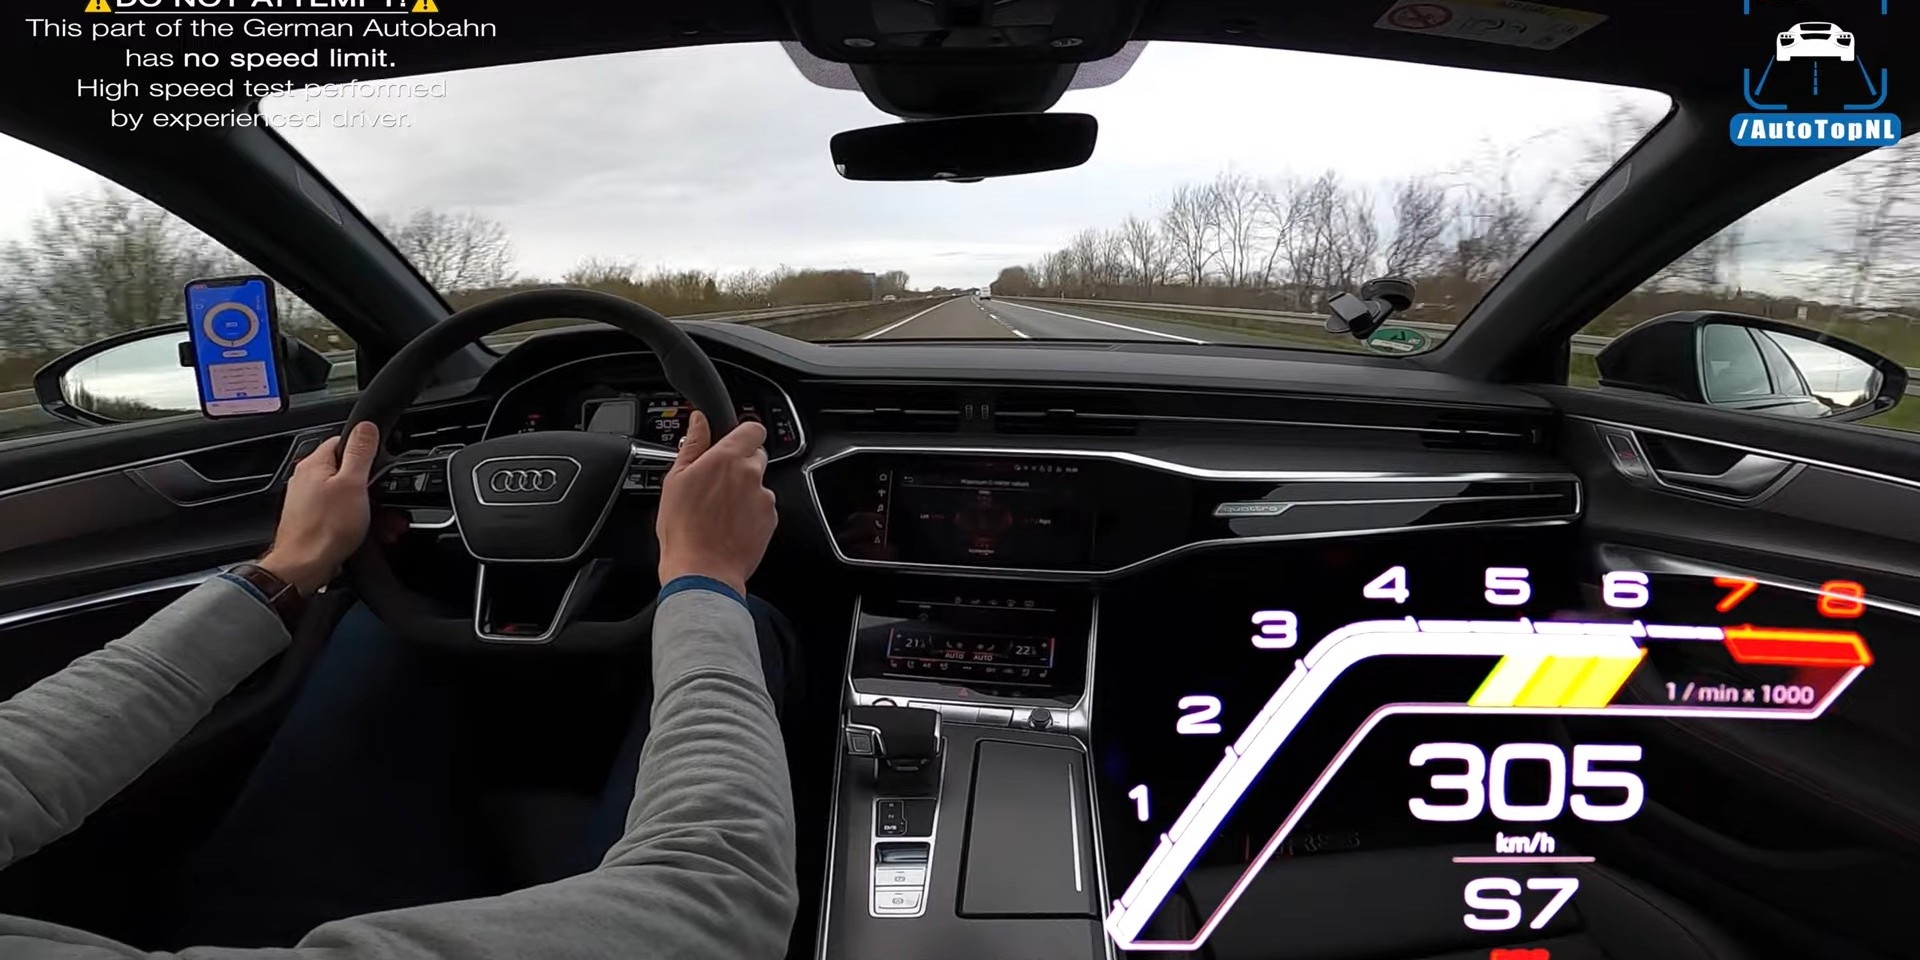 微油電更加分 Audi RS6 Avant跑出高達300km/h極速!